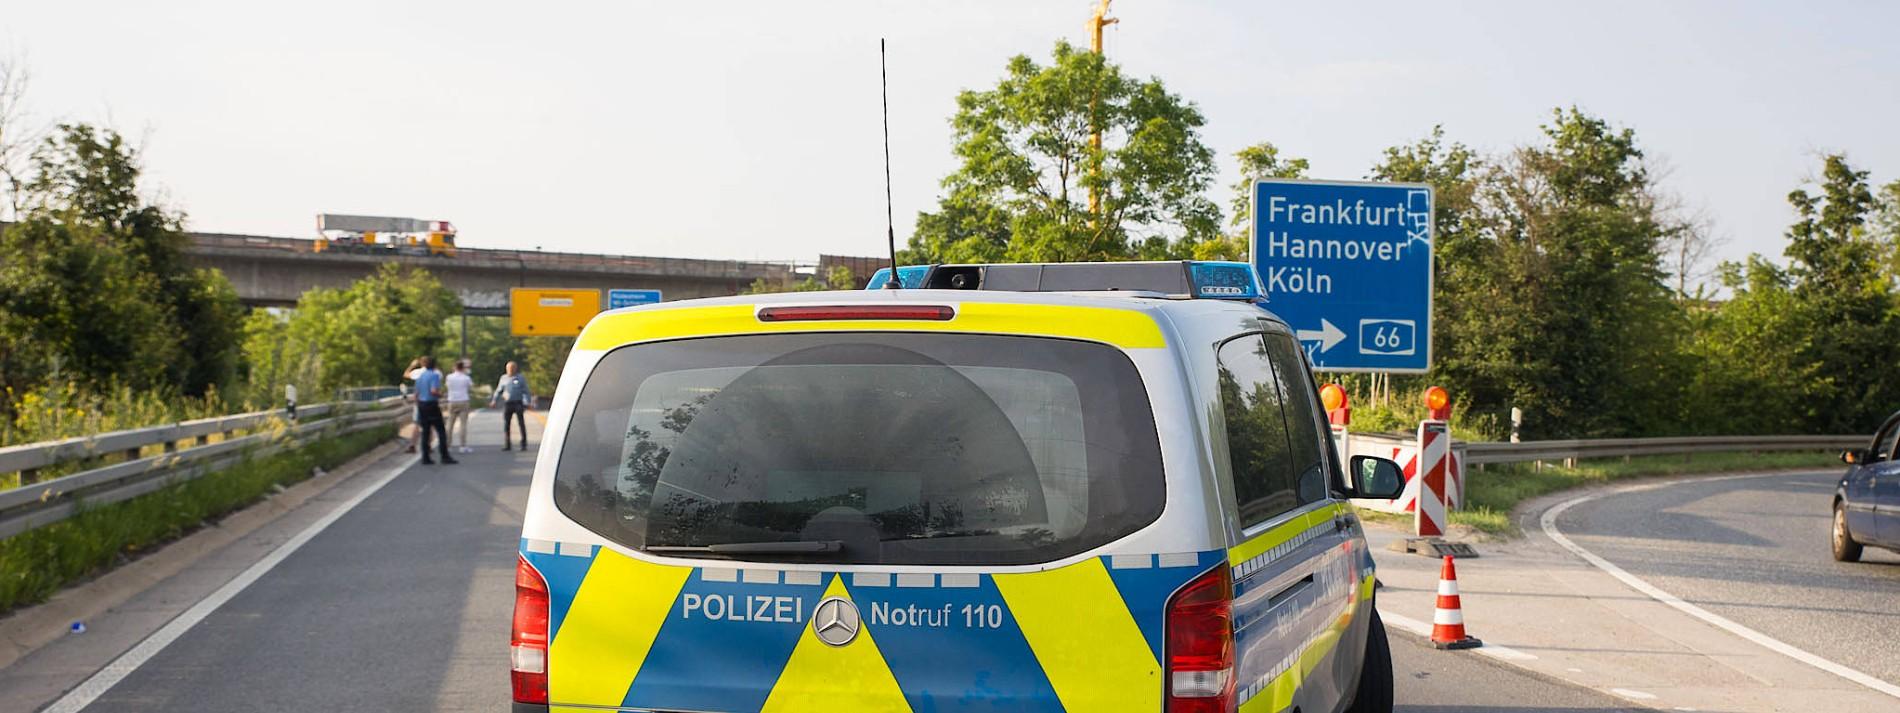 Polizei findet 135 Kilo Drogen durch Autounfall